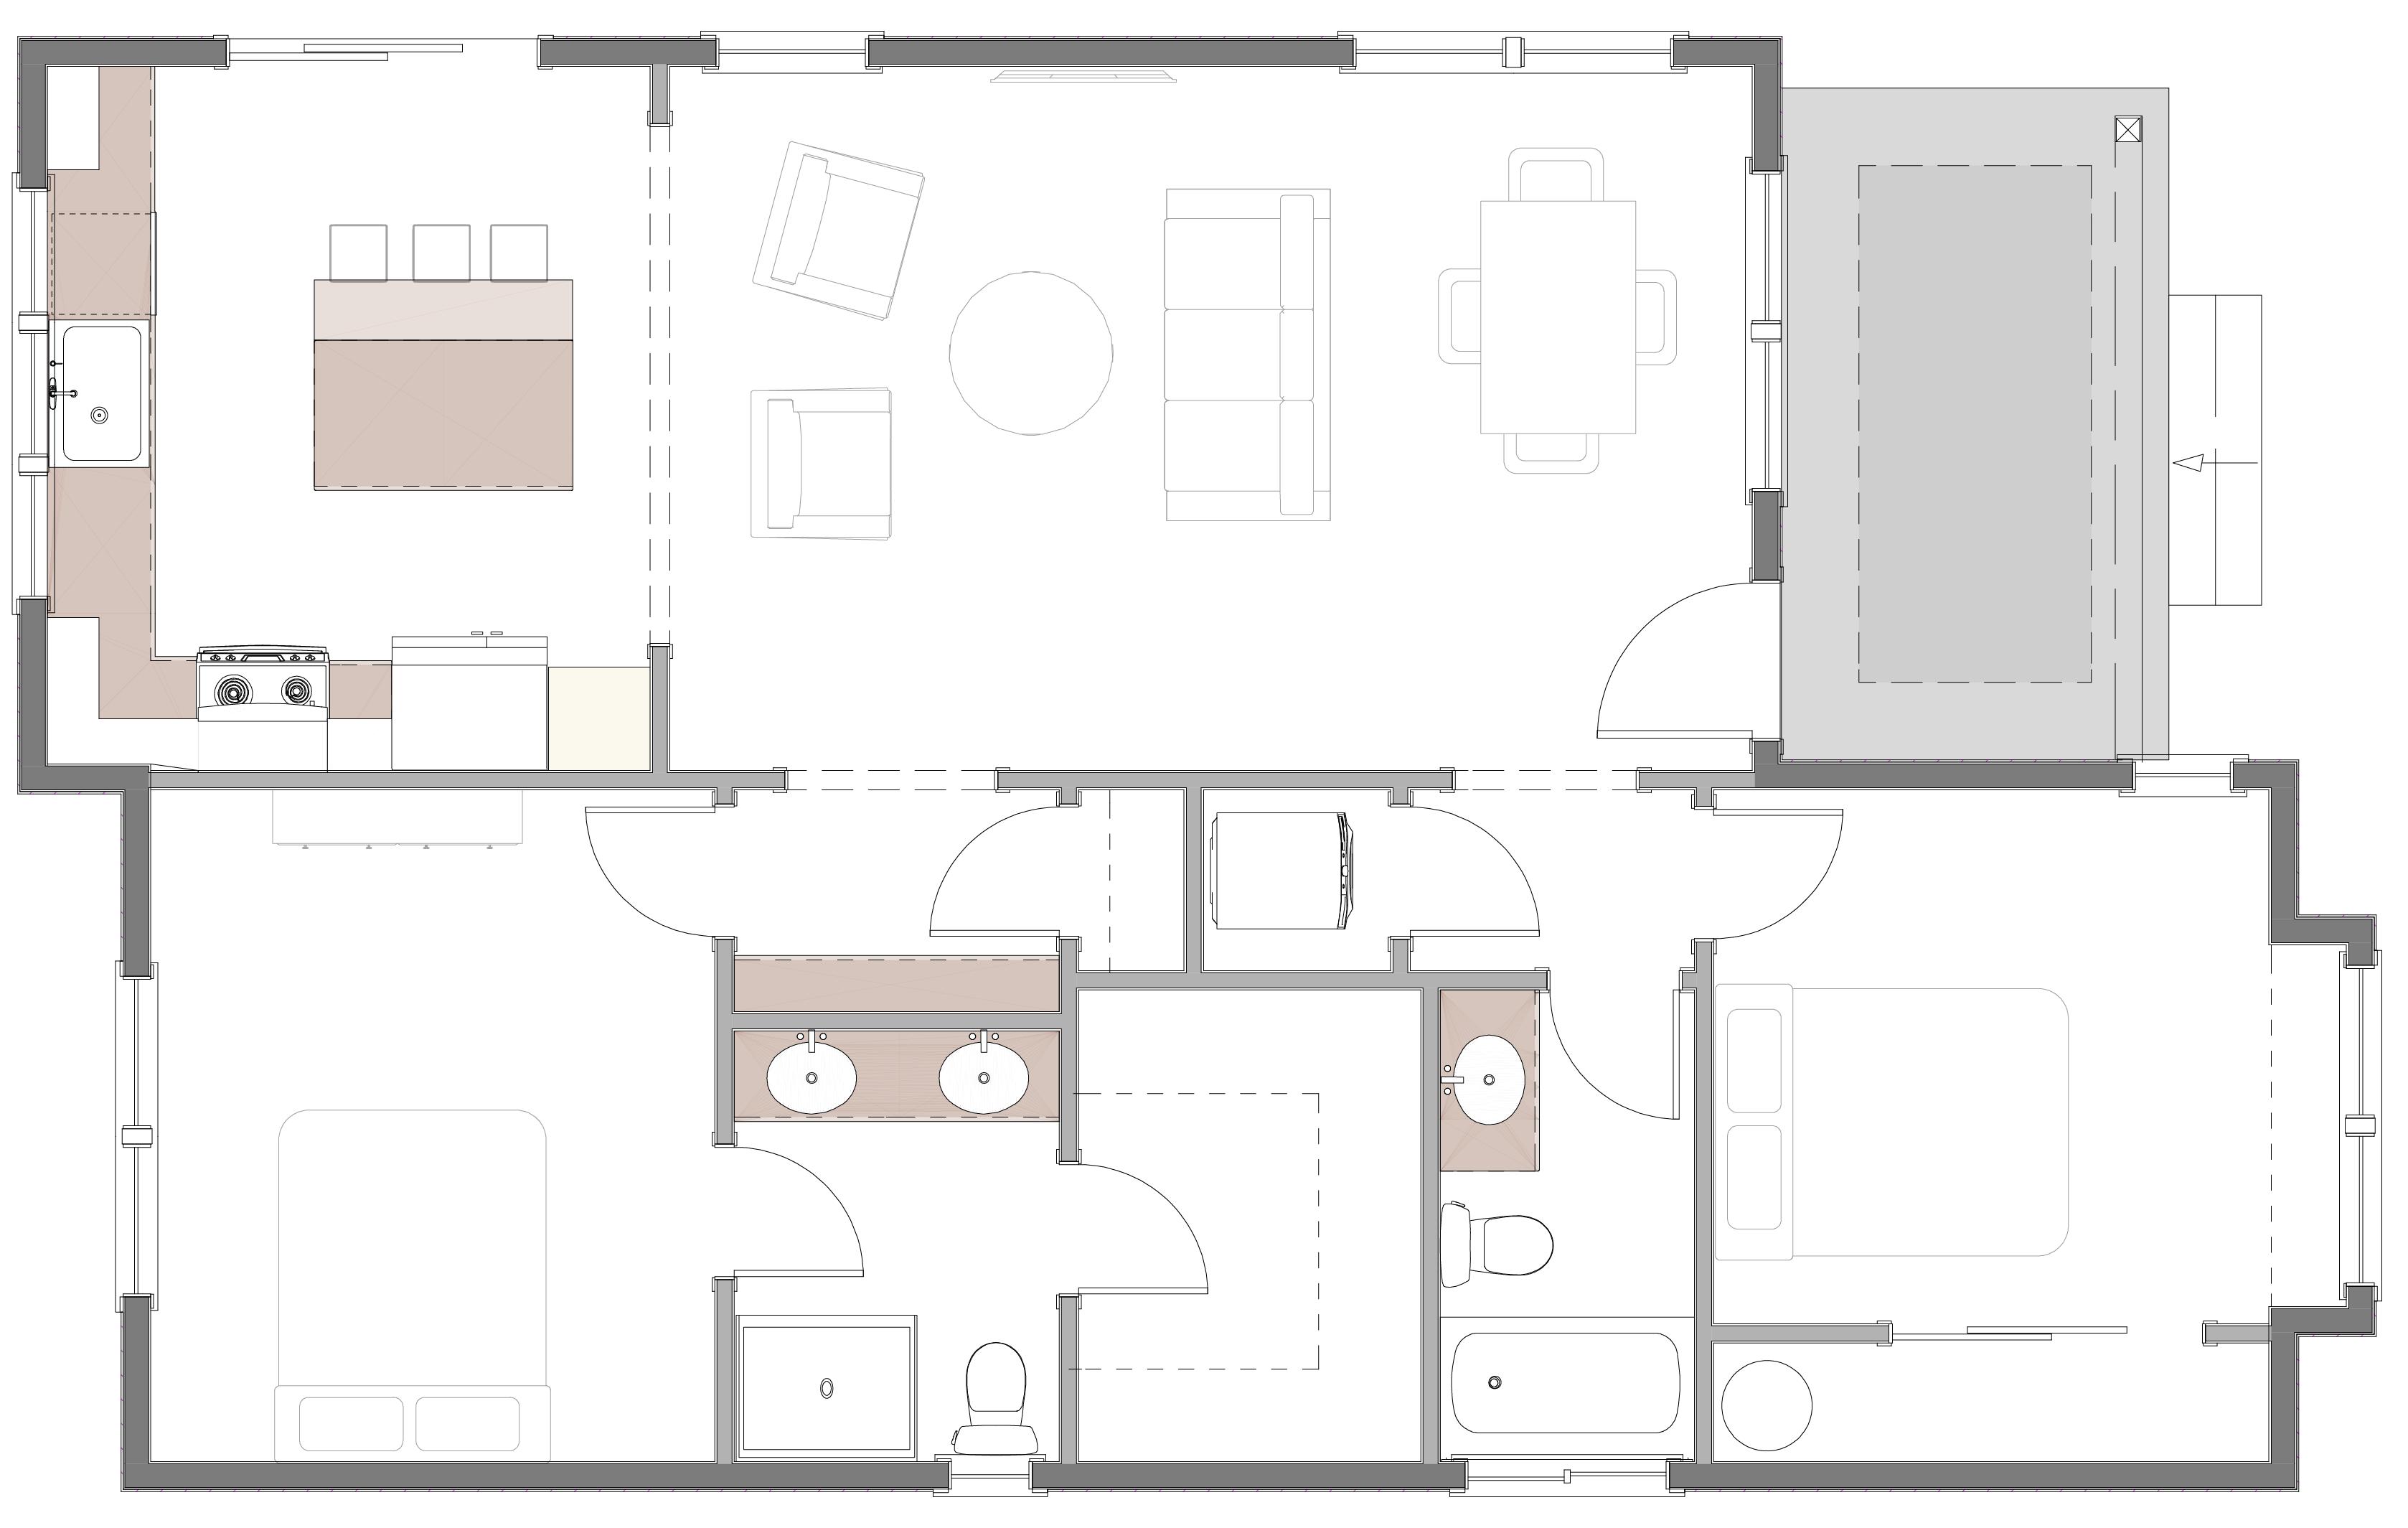 Woodstock cottage floorplan